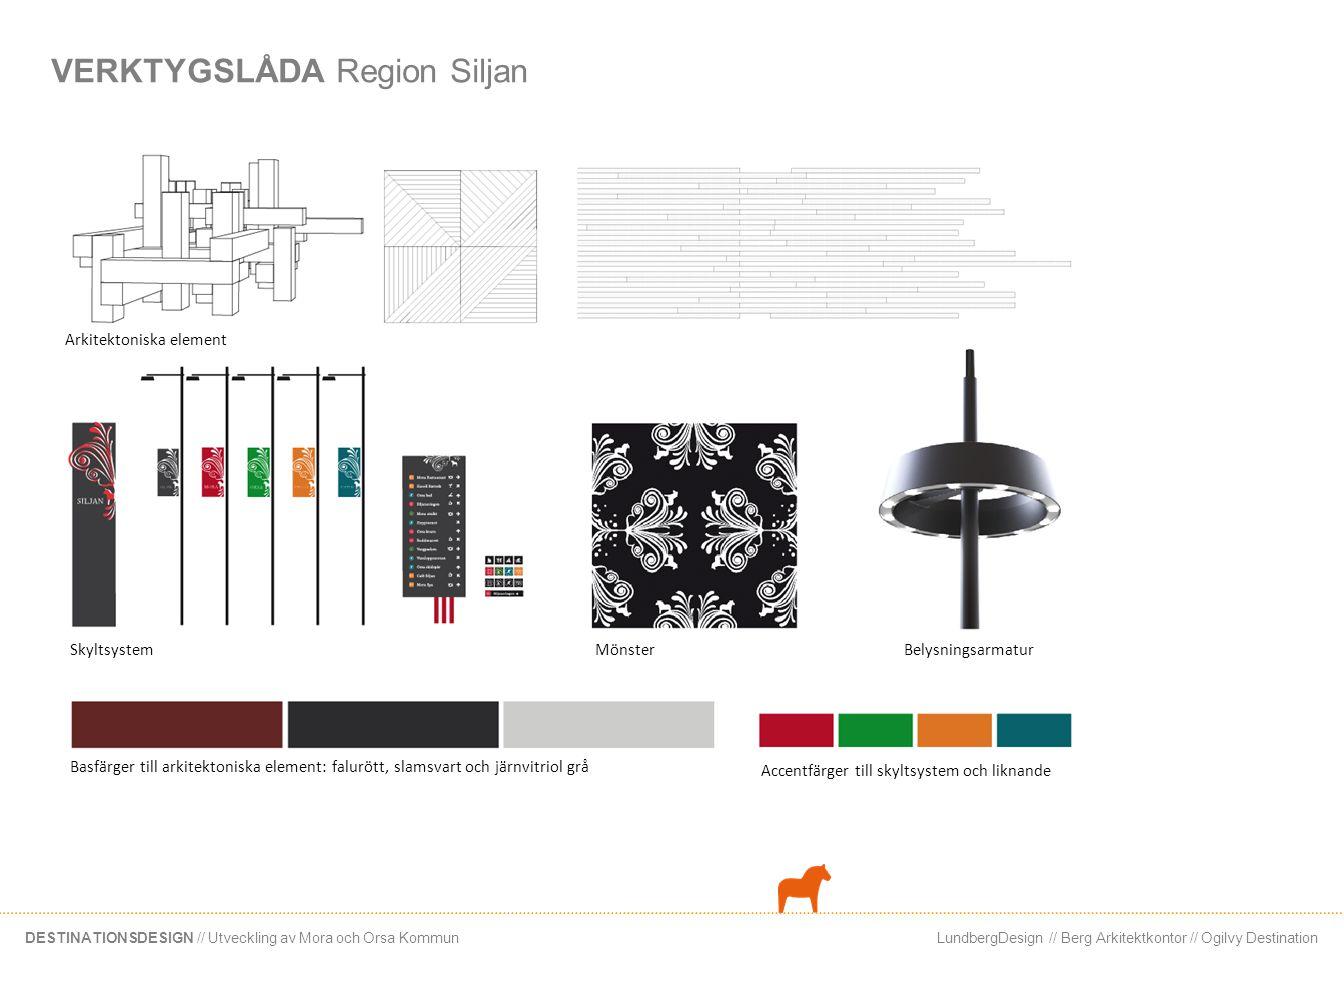 LundbergDesign // Berg Arkitektkontor // Ogilvy DestinationDESTINATIONSDESIGN // Utveckling av Mora och Orsa Kommun VERKTYGSLÅDA Skyltsystem Kurbits Kurbitsen är en av de starkaste symbolerna för Siljanregionen.